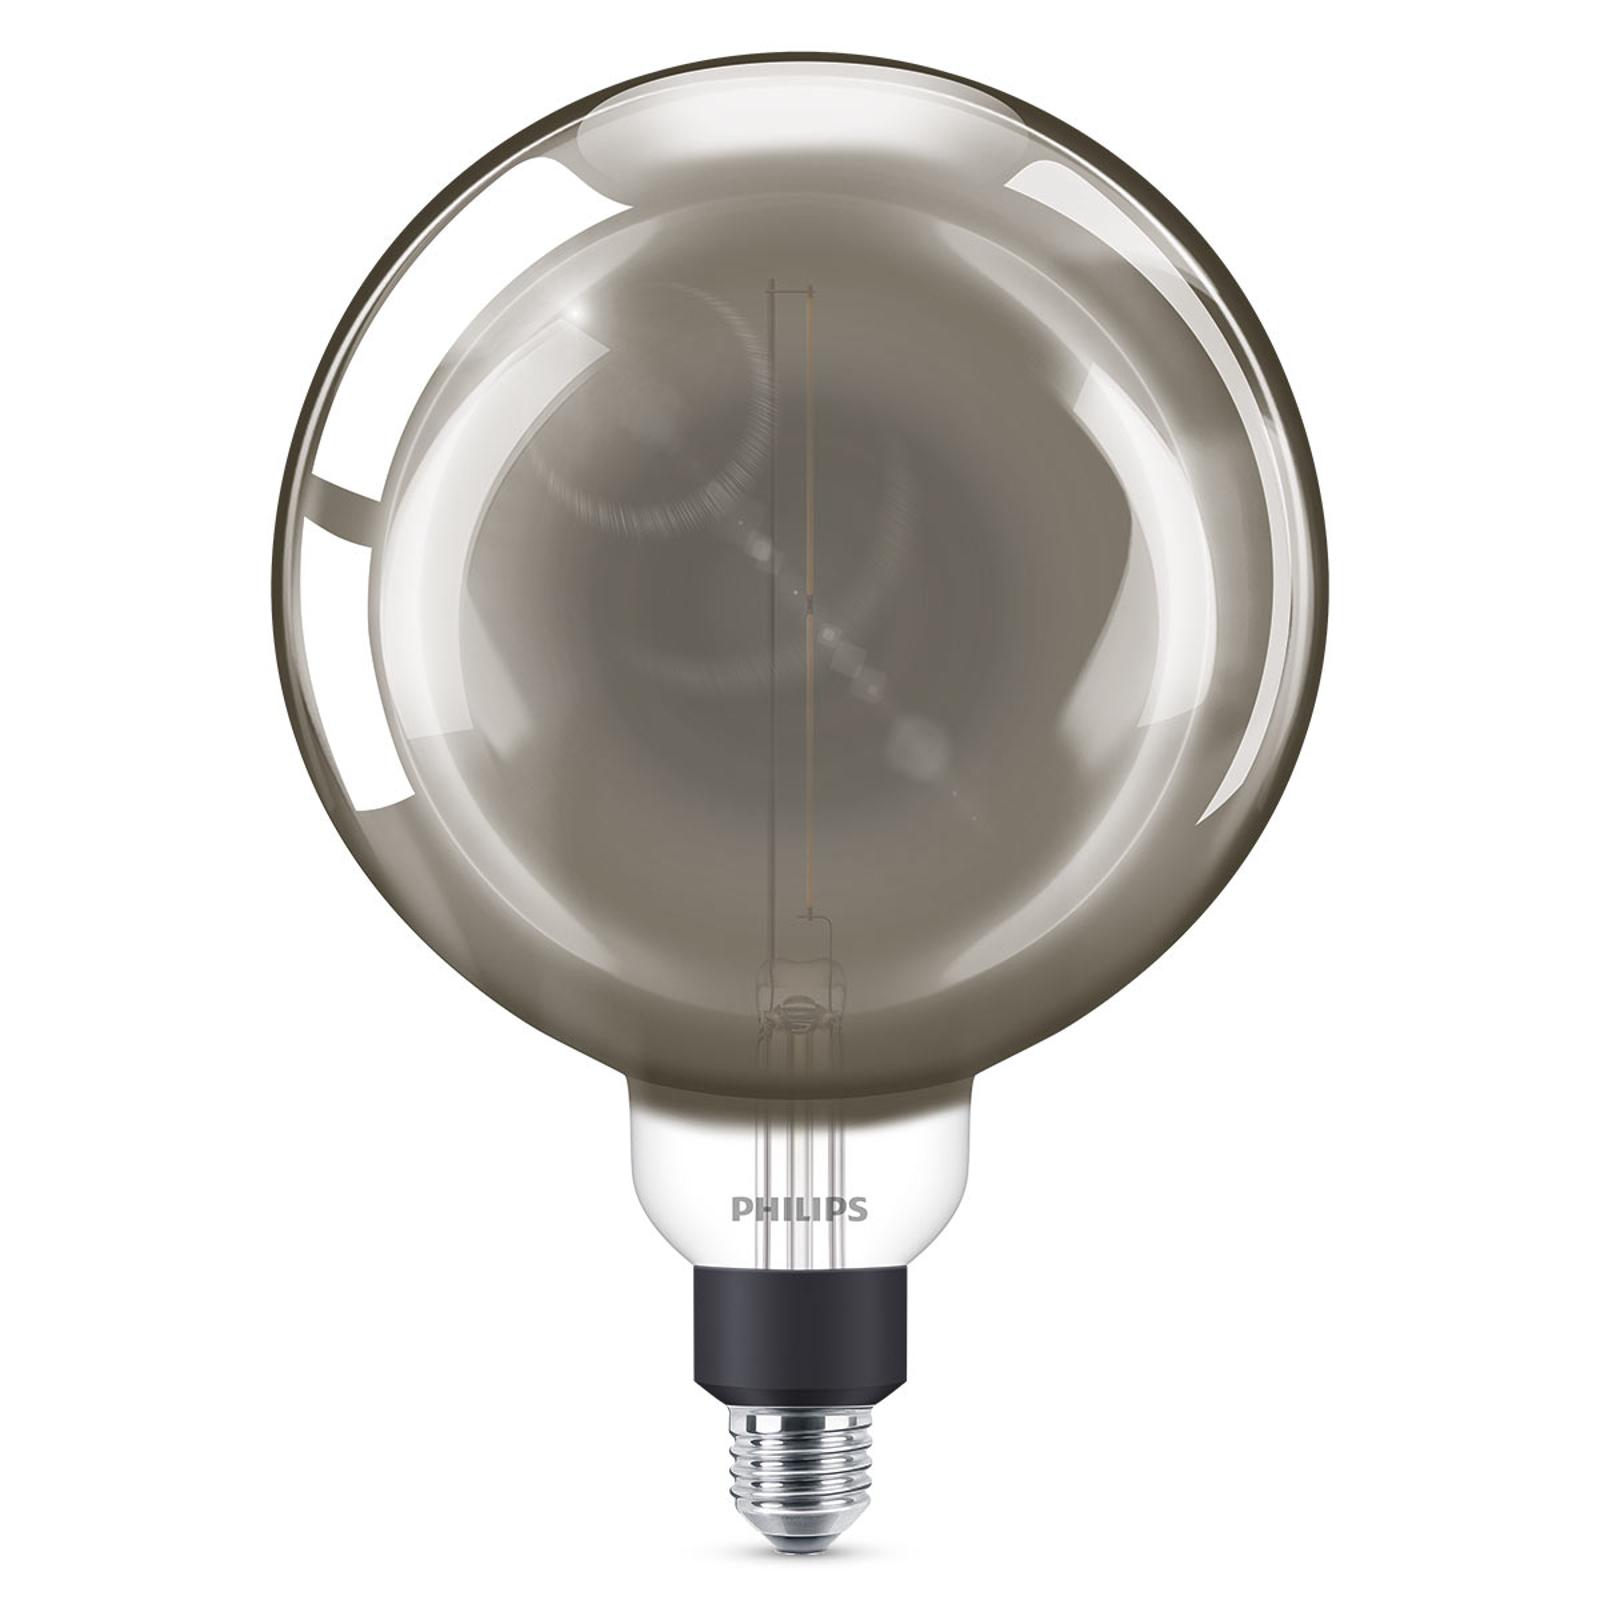 Philips E27 Giant LED-Globelampe 6,5W dimmb. smoky